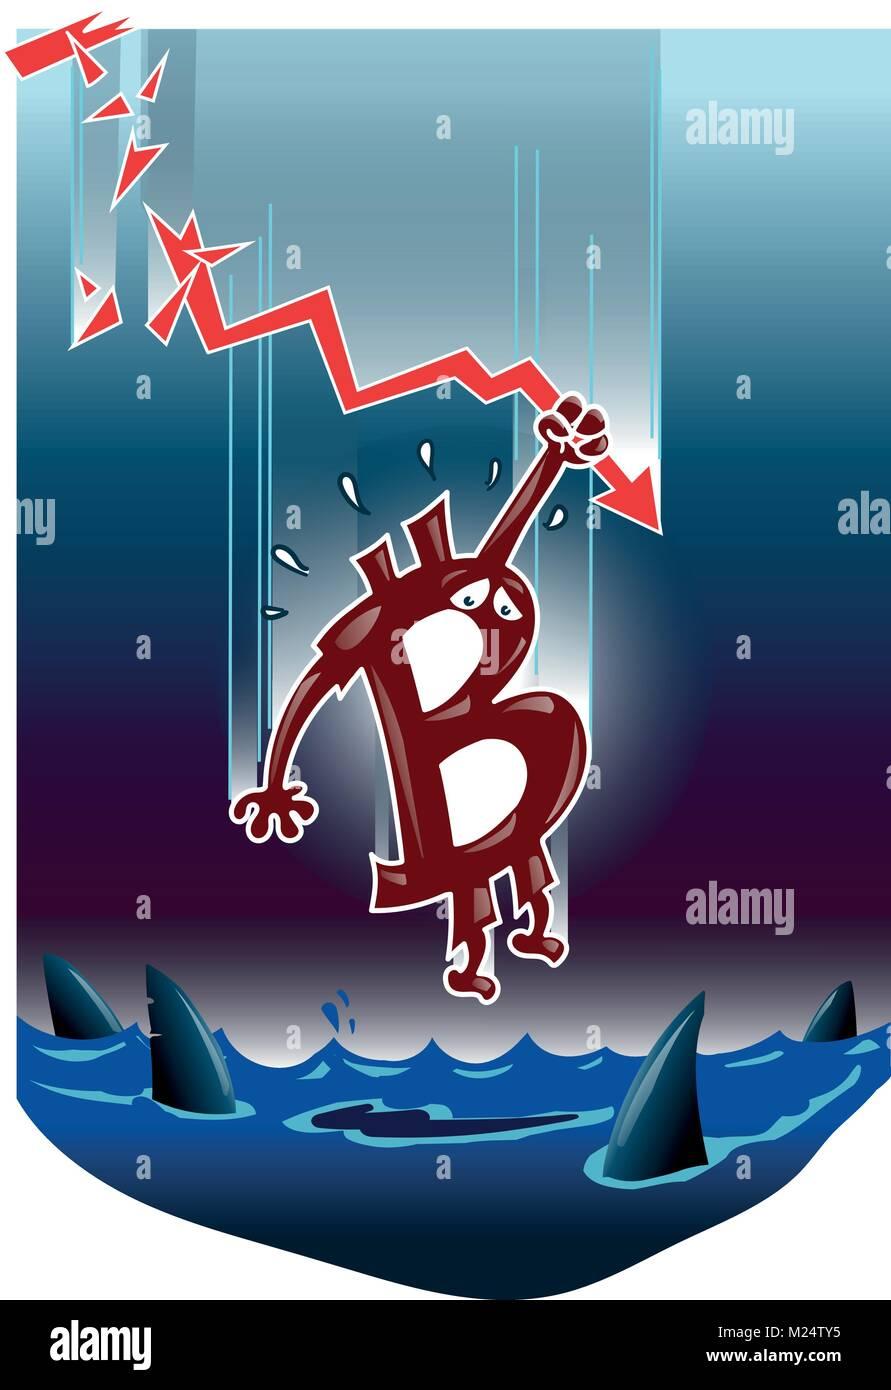 Simbolo bitcoin cadere nell'acqua scura cartoon divertenti vignette Immagini Stock